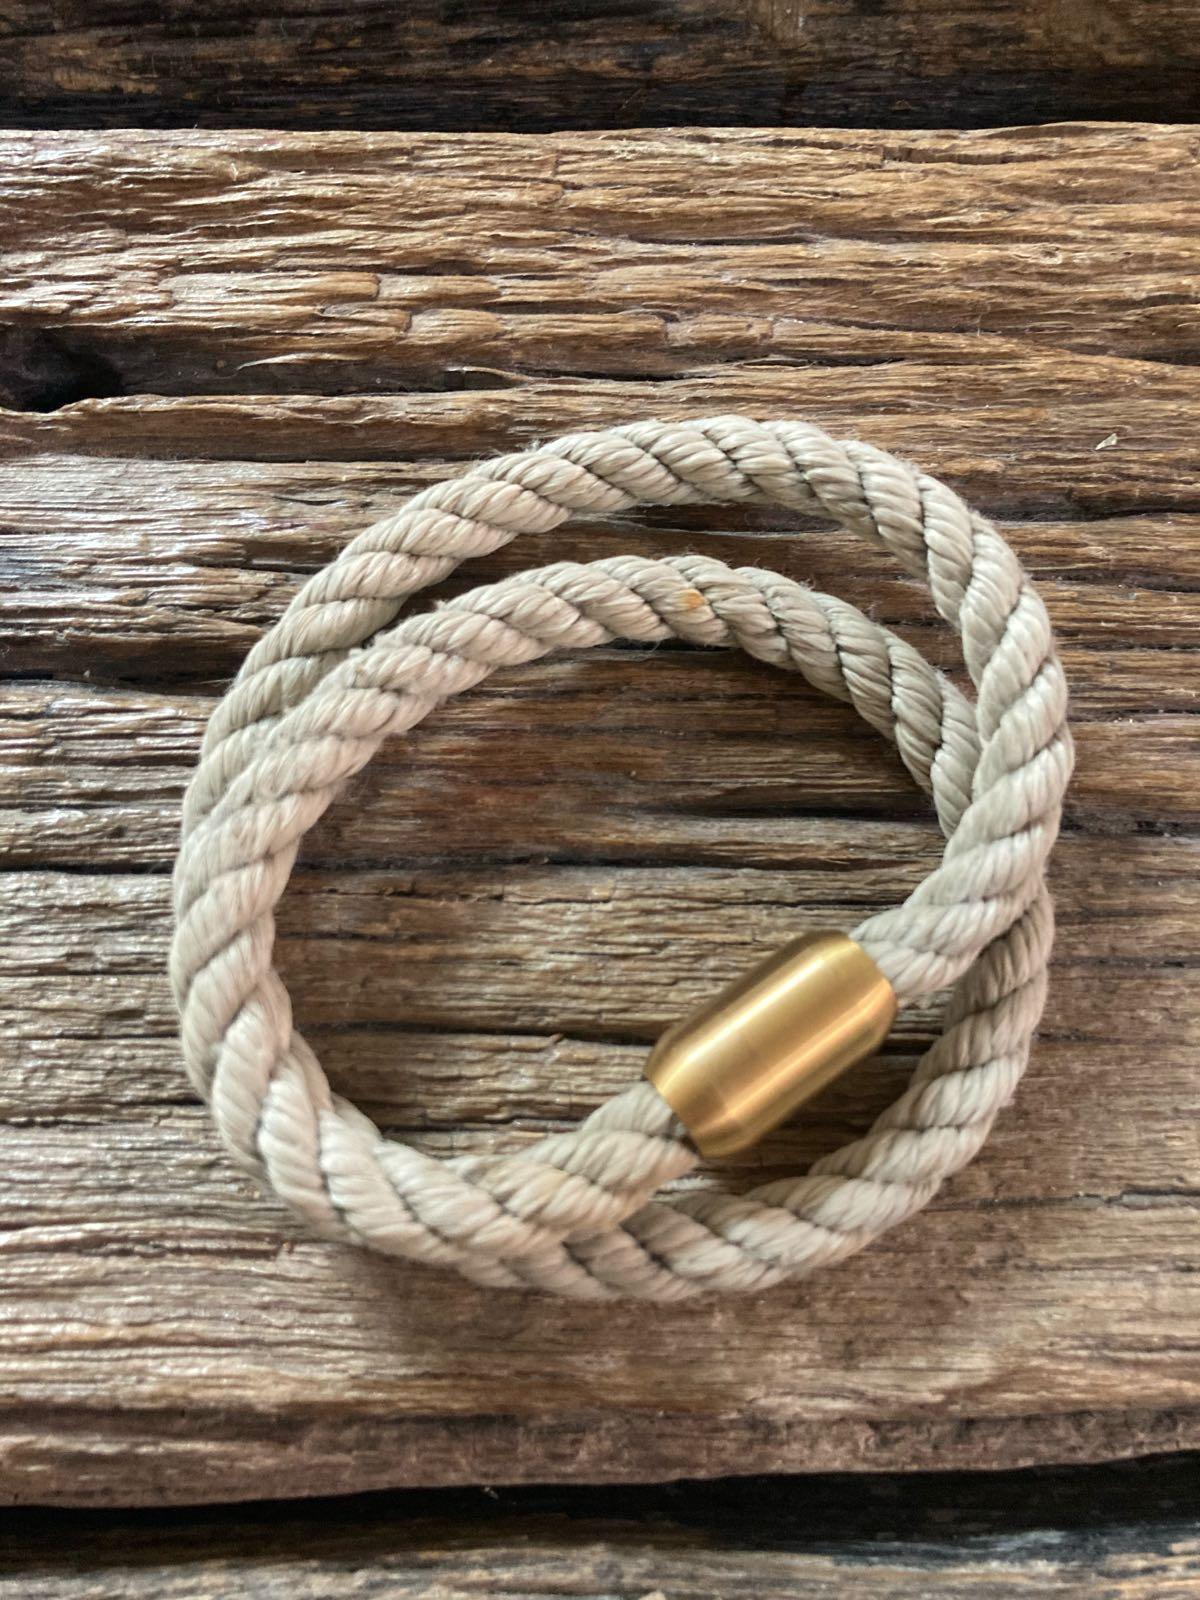 Fischereidesign - Armband 6 mm doppelt Gold